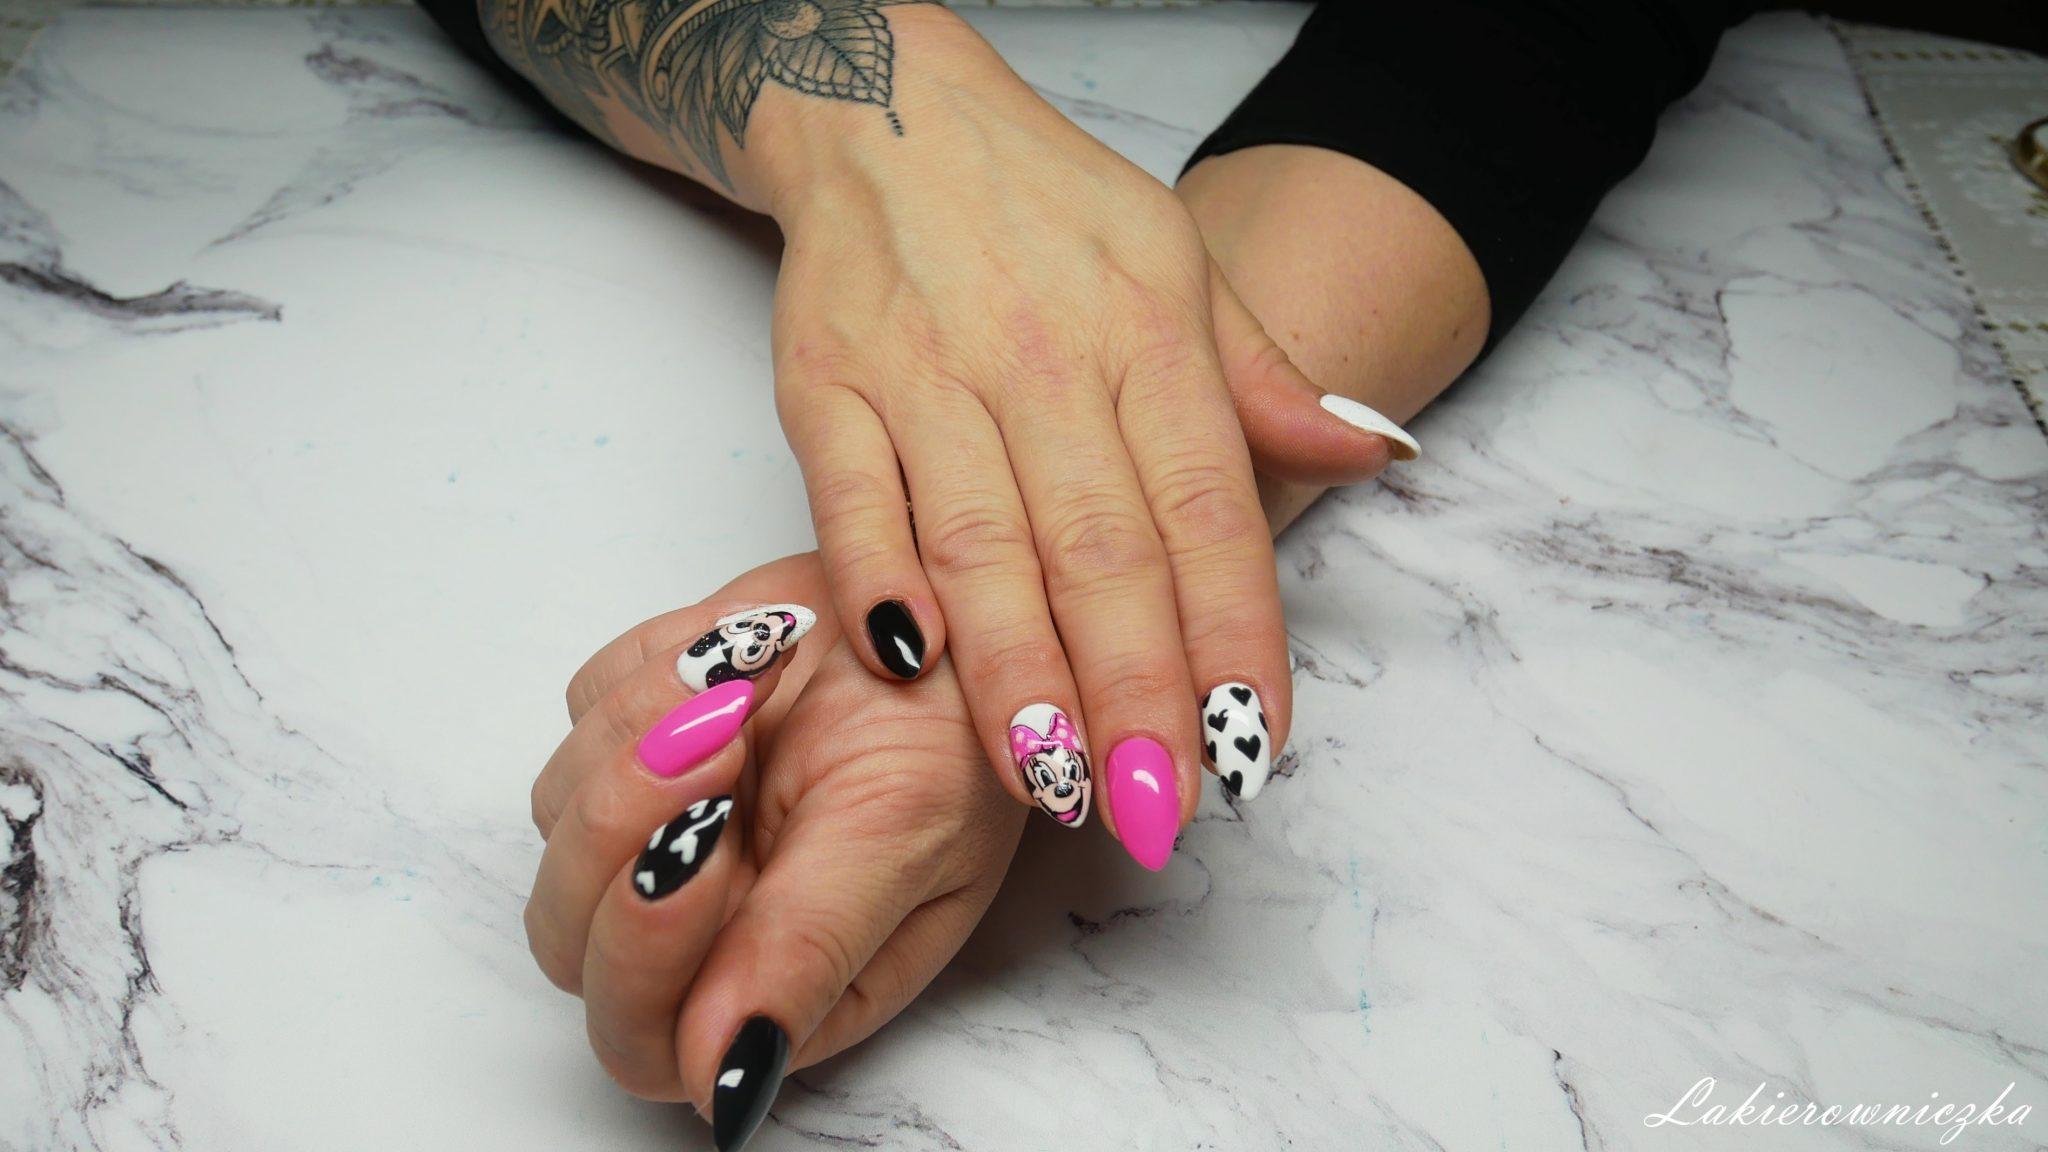 Myszka-Miki-na-paznokciach-hybrydowych-Semilac-008-intensive-pink-biala-hybryda-czarna-Lakierowniczka-zdobienie-serca